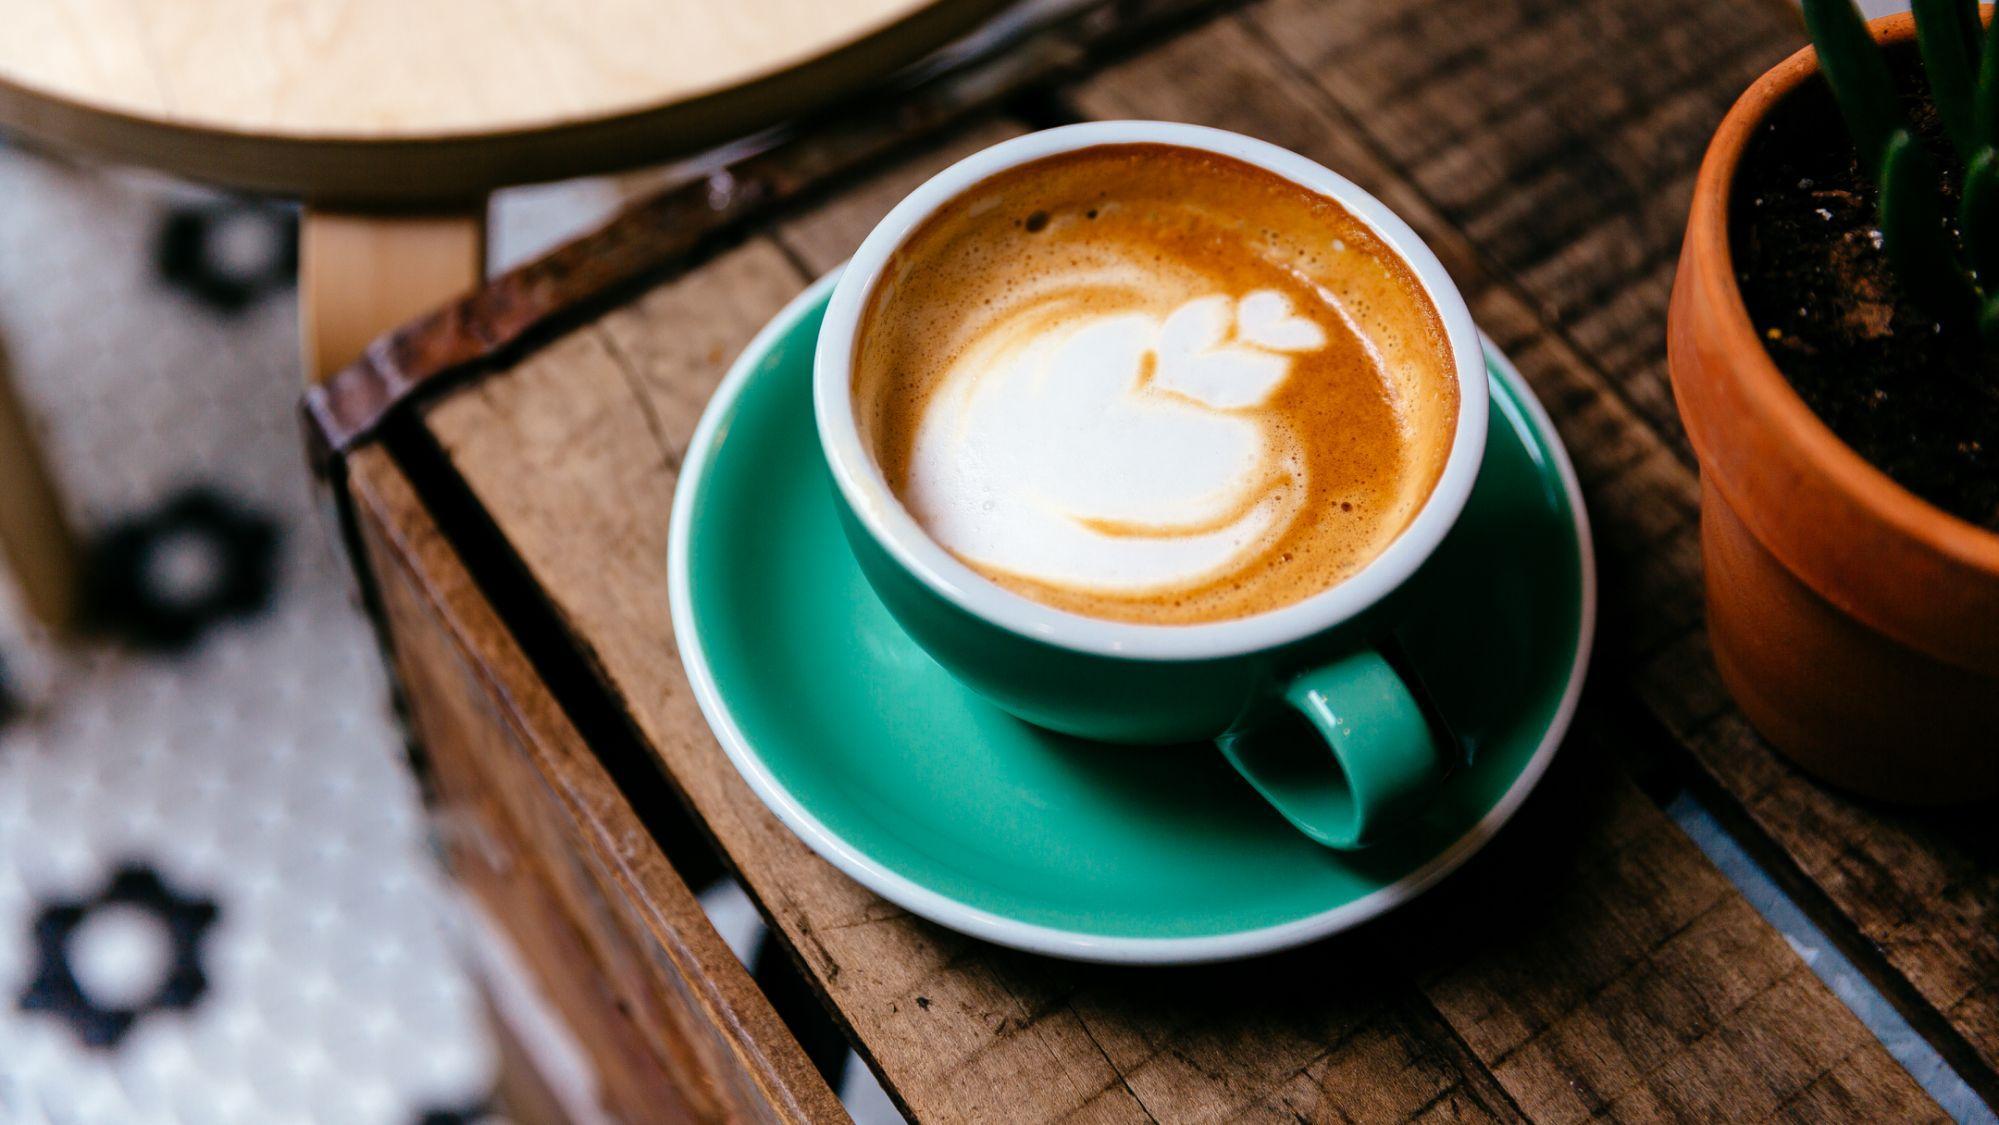 Любители кофе реже болеют сердцем